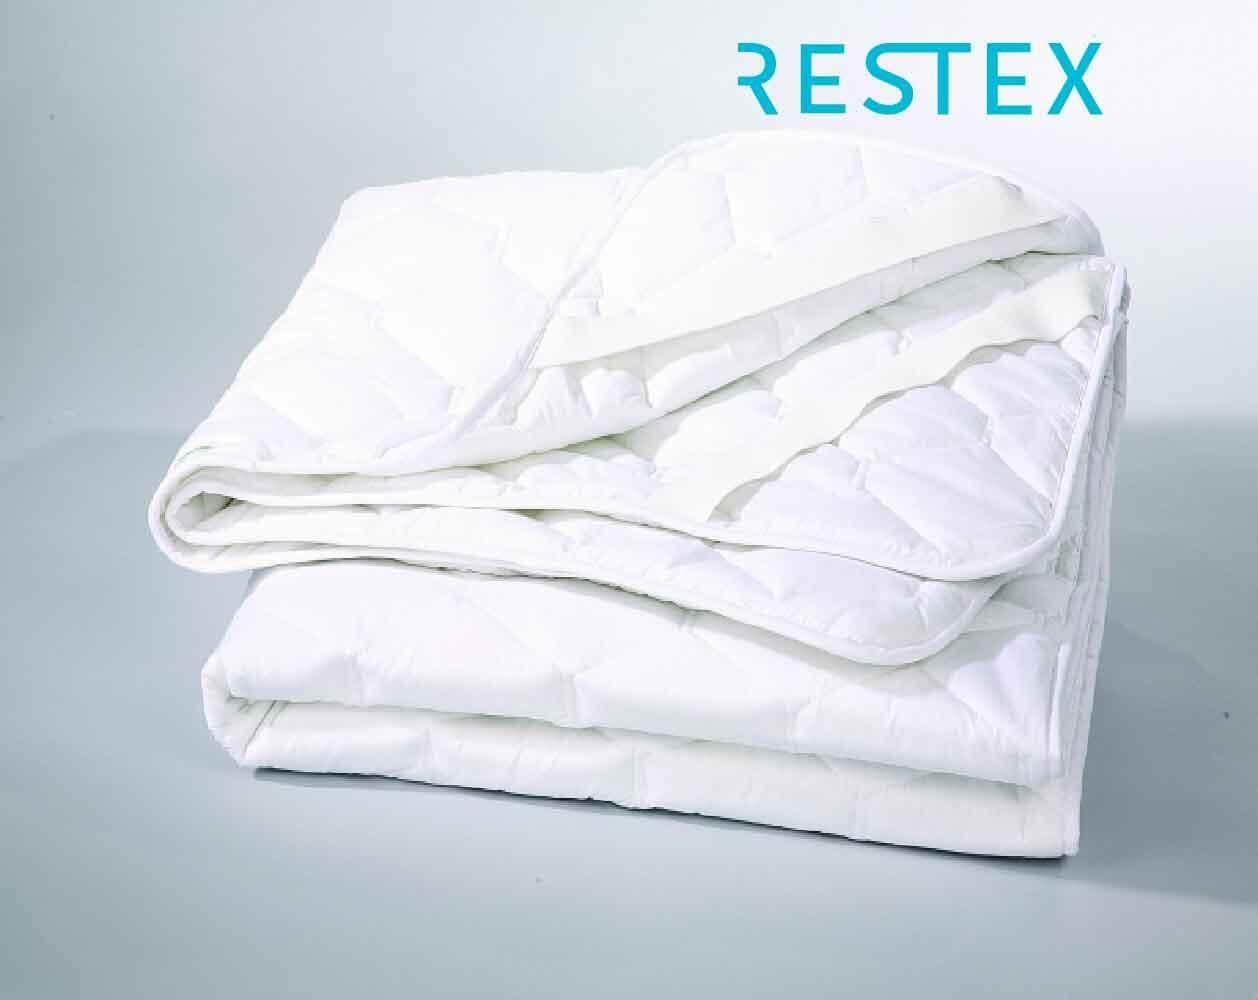 Restex ผ้ารองกันเปื้อน คุณภาพโรงแรม 5 ดาว ขนาดที่นอน 5 ฟุต ใย Hollow Filled กันไรฝุ่น พร้อมยางรัดมุม ขนาดที่นอน 5 ฟุต By Restex.